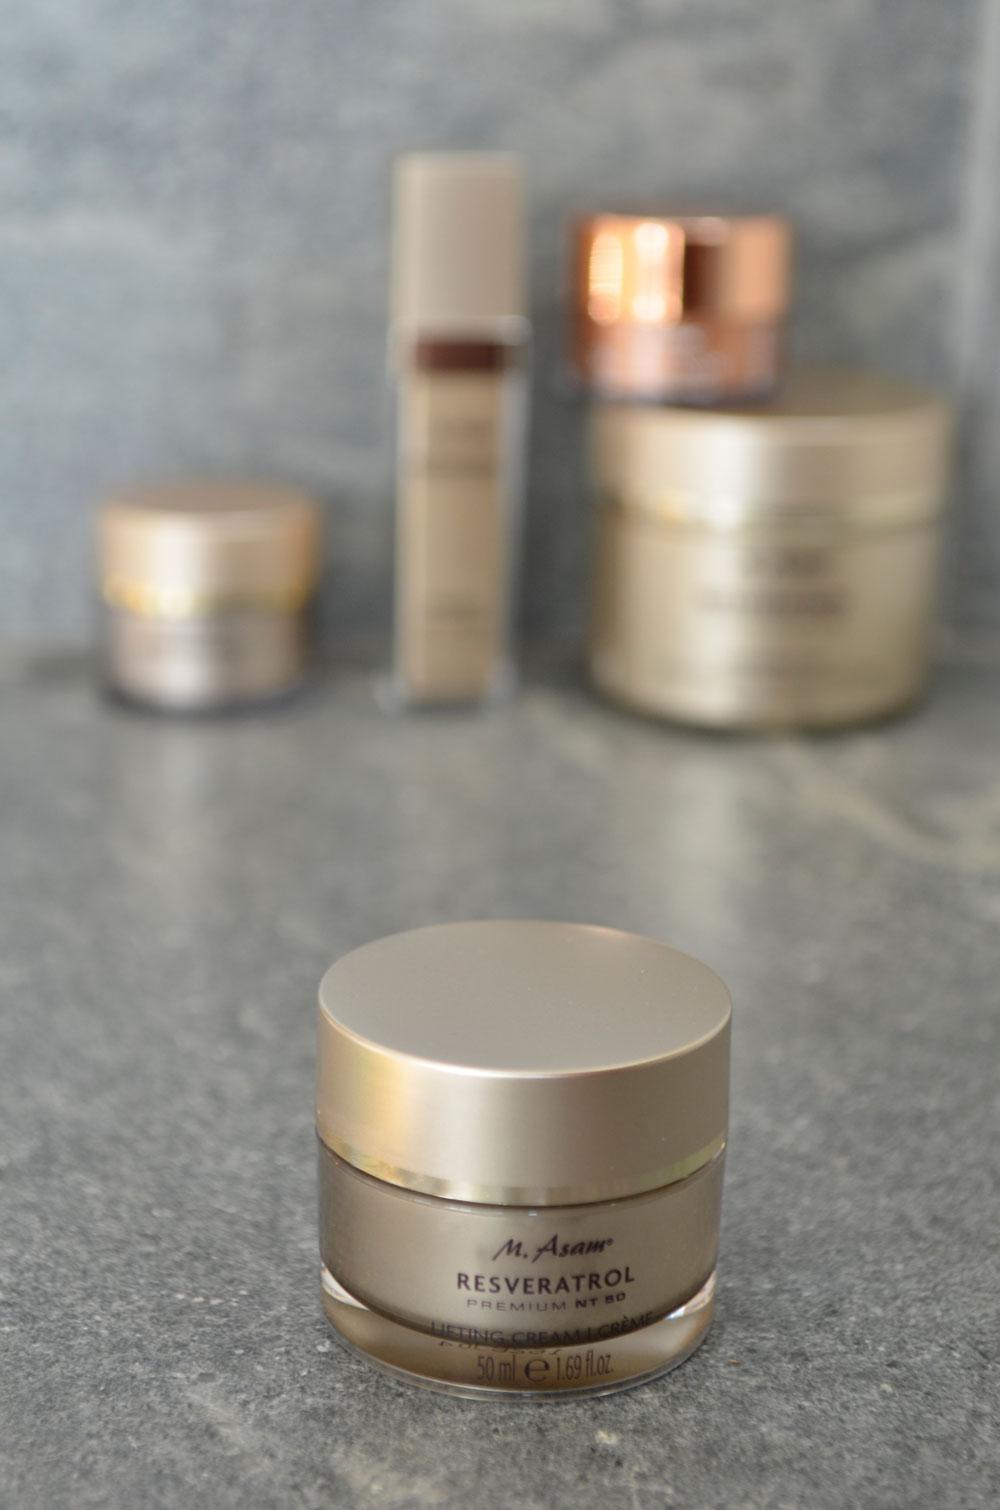 Worth the hype? Gastbloggerin Ella testet sich für sonrisa durch verschiedene  Hautpflege-Produkte des angesagten Brands M. Asam.